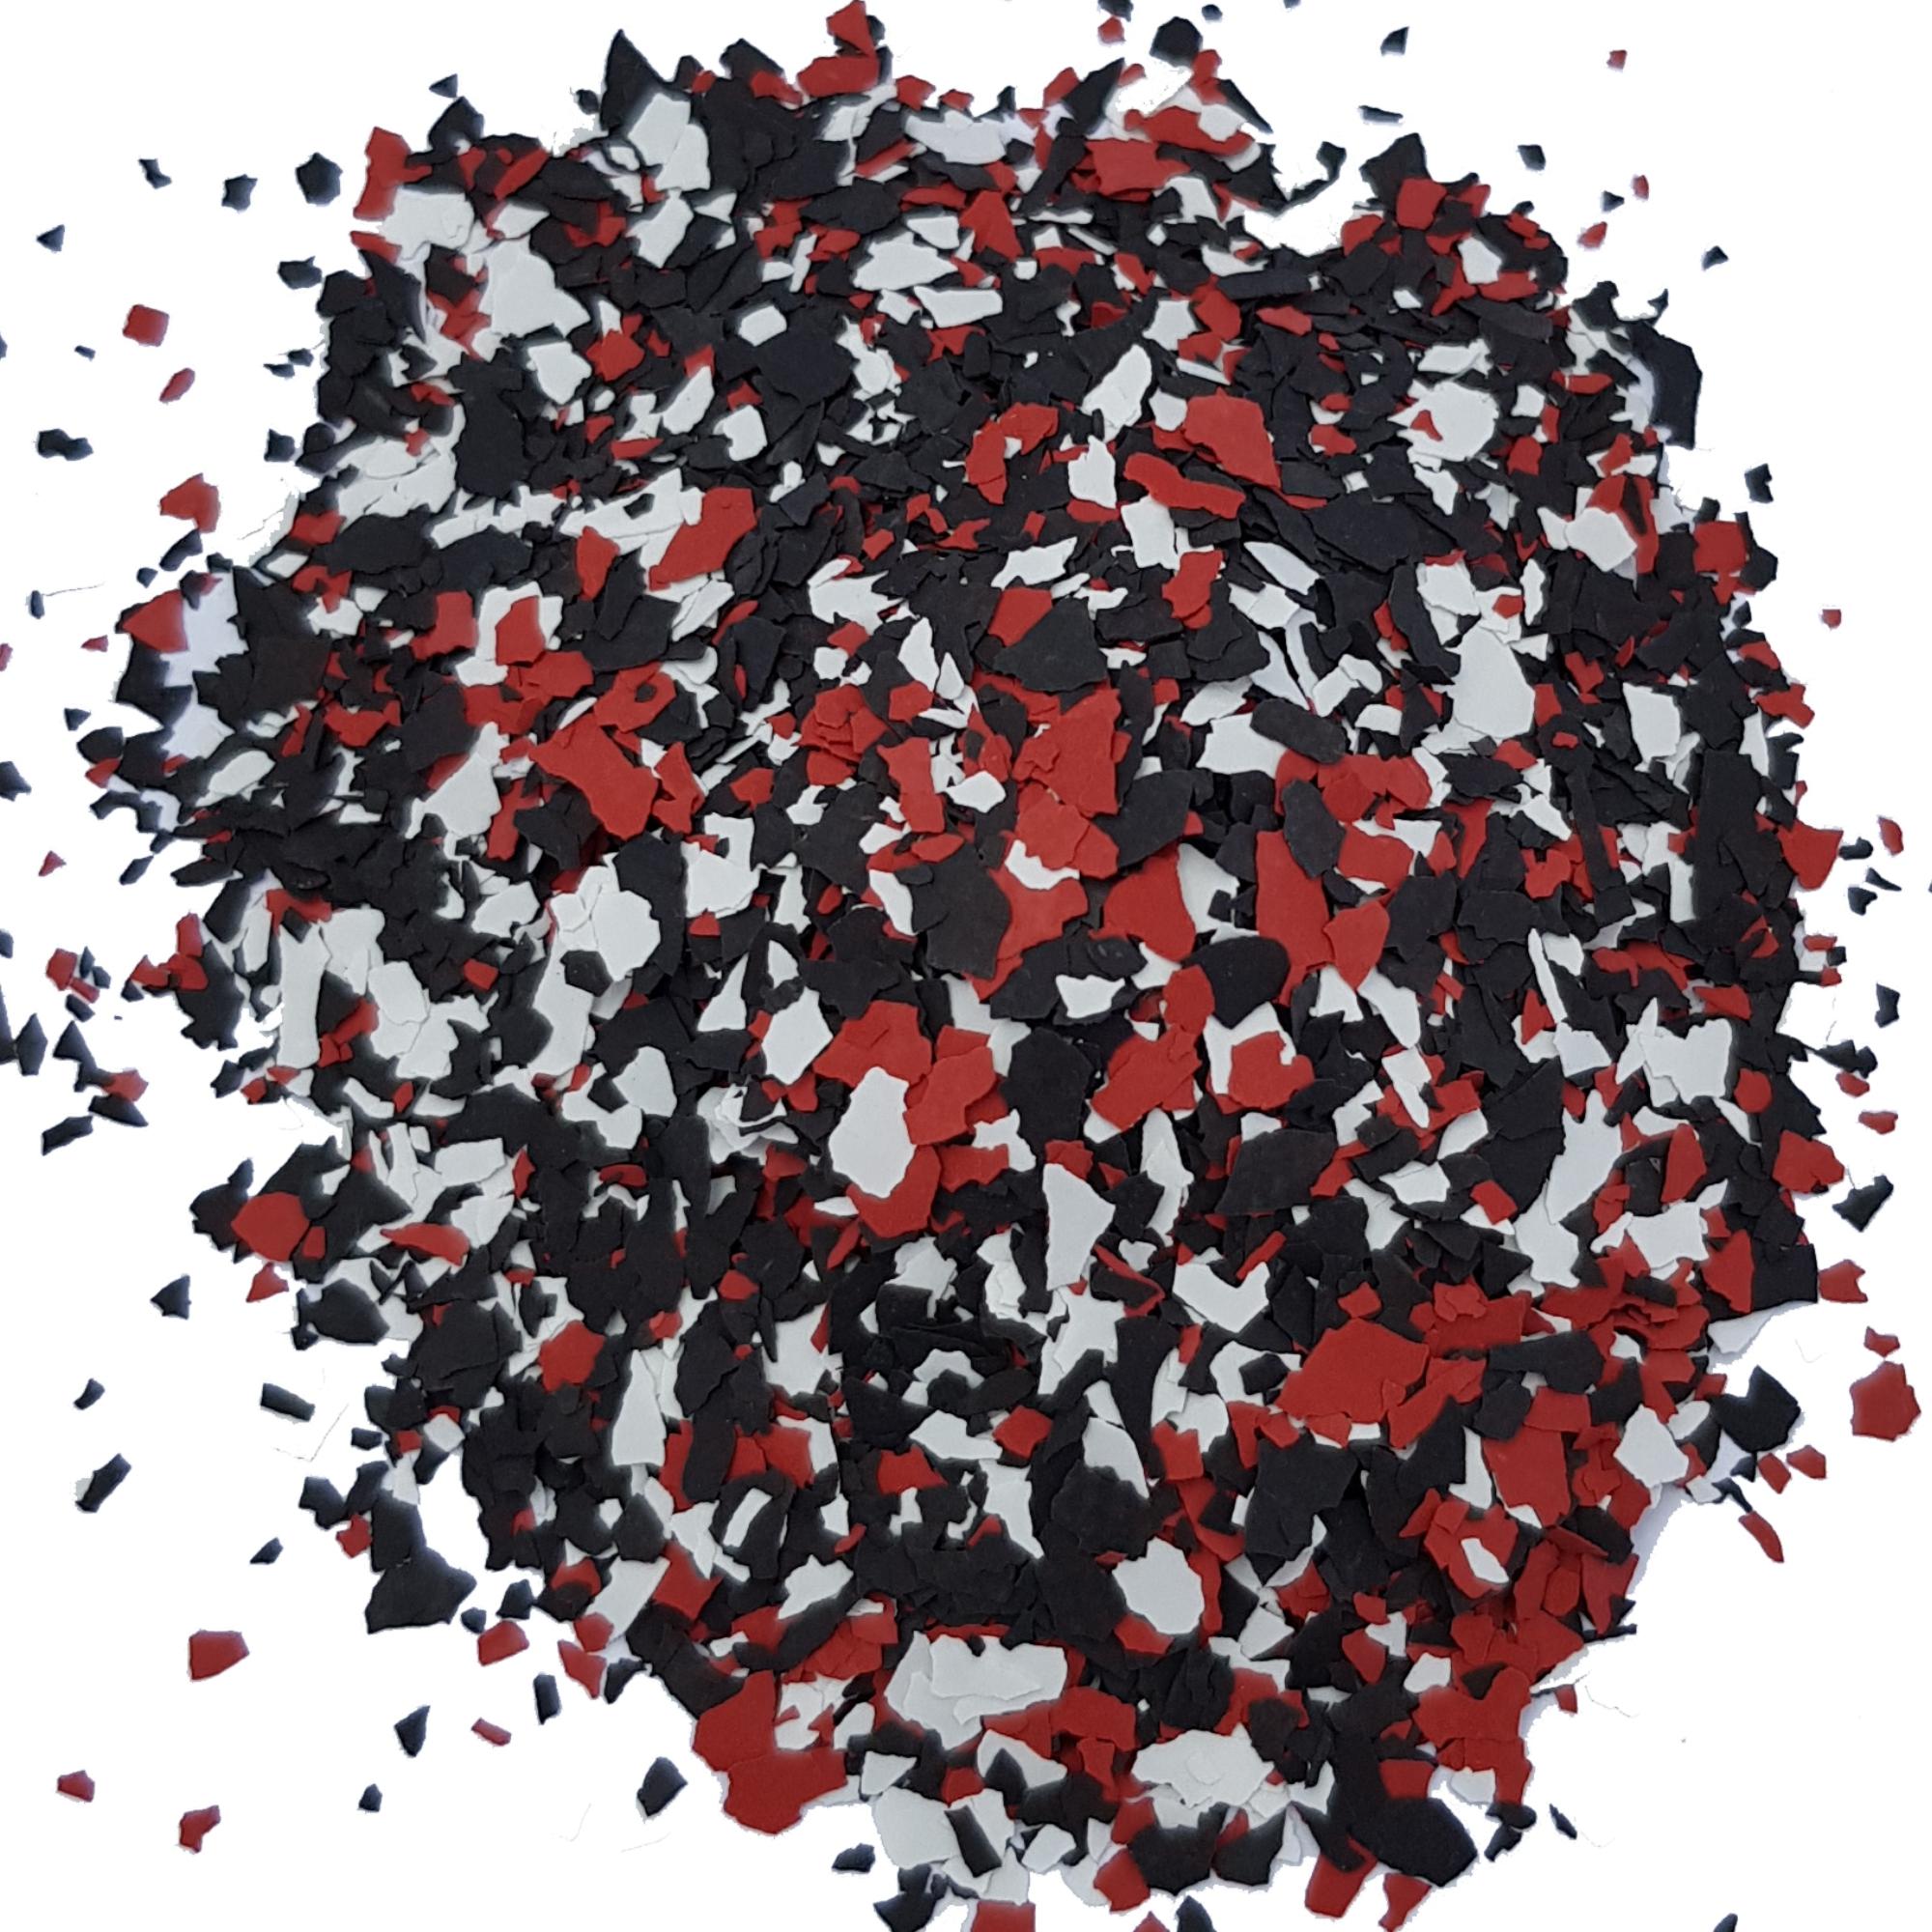 schwarz-weiss-rot_N.jpg?dl=0